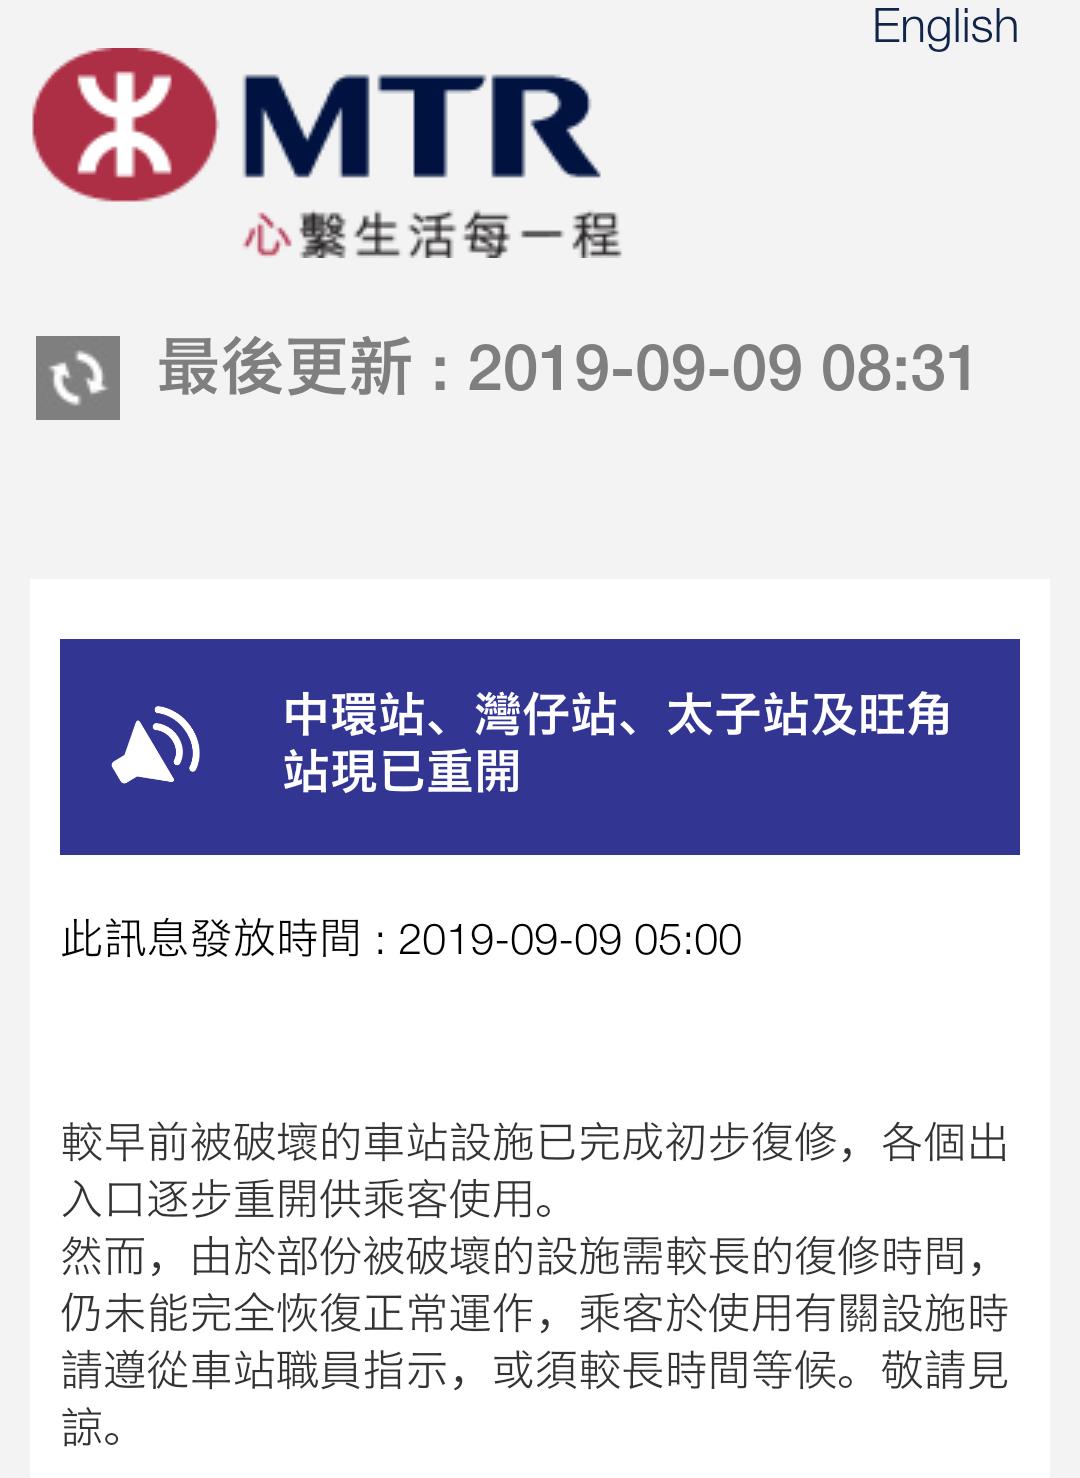 山东省民政厅,每经9点丨珠海国资委条件格力11月前完结评审;山东